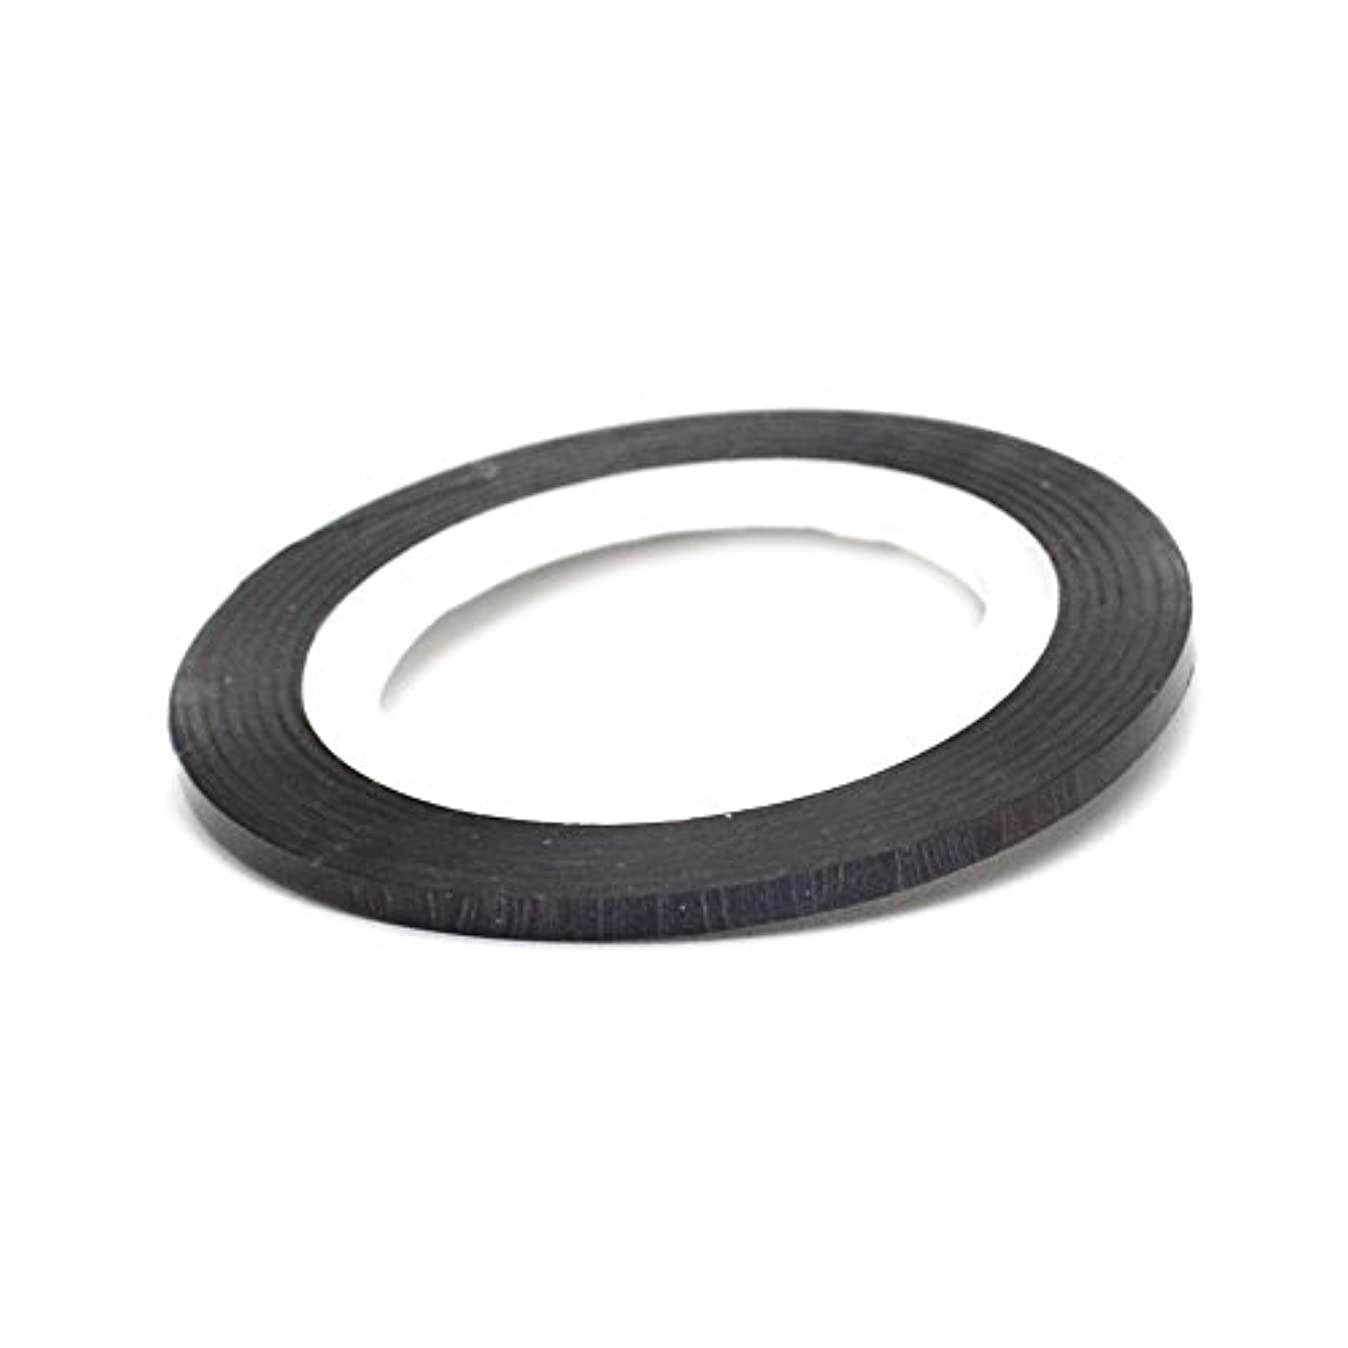 無限閉じ込める受粉者ネイル ラインテープ【ブラック】0.8mm ストライピングテープ